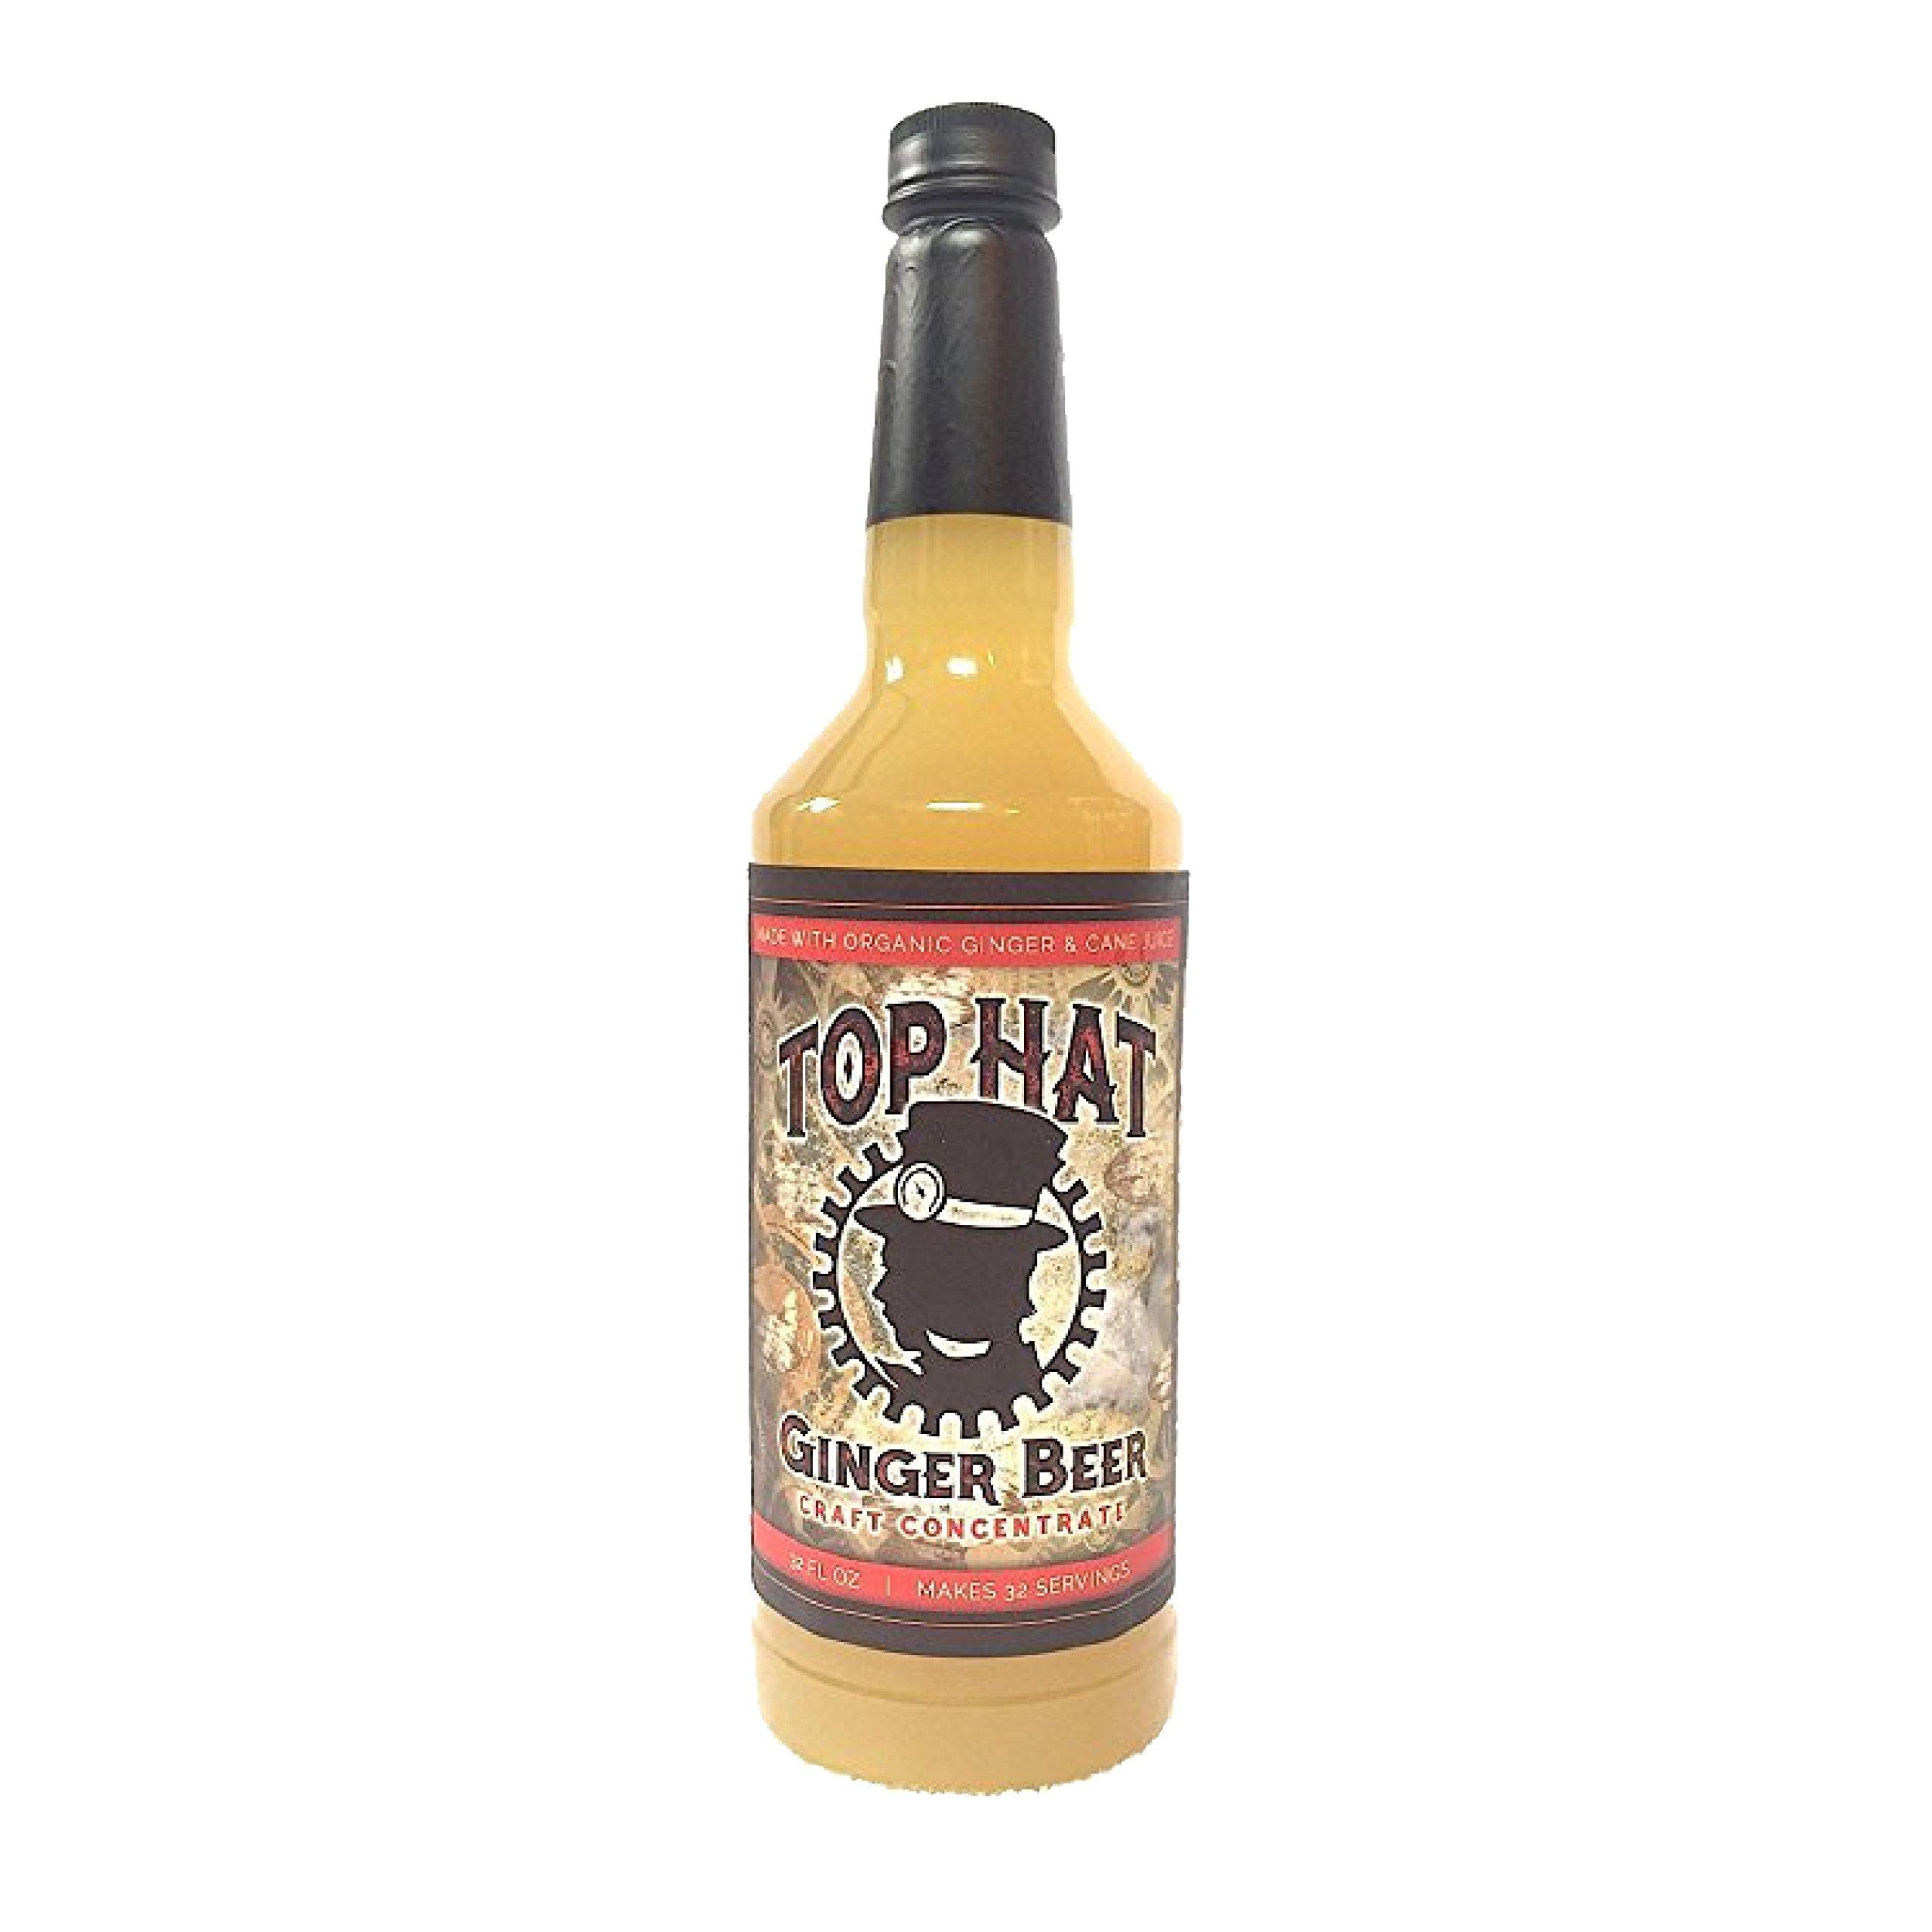 Top Hat Craft Ginger Beer Syrup - 32oz btl (MAKES 32 GINGER BEERS)